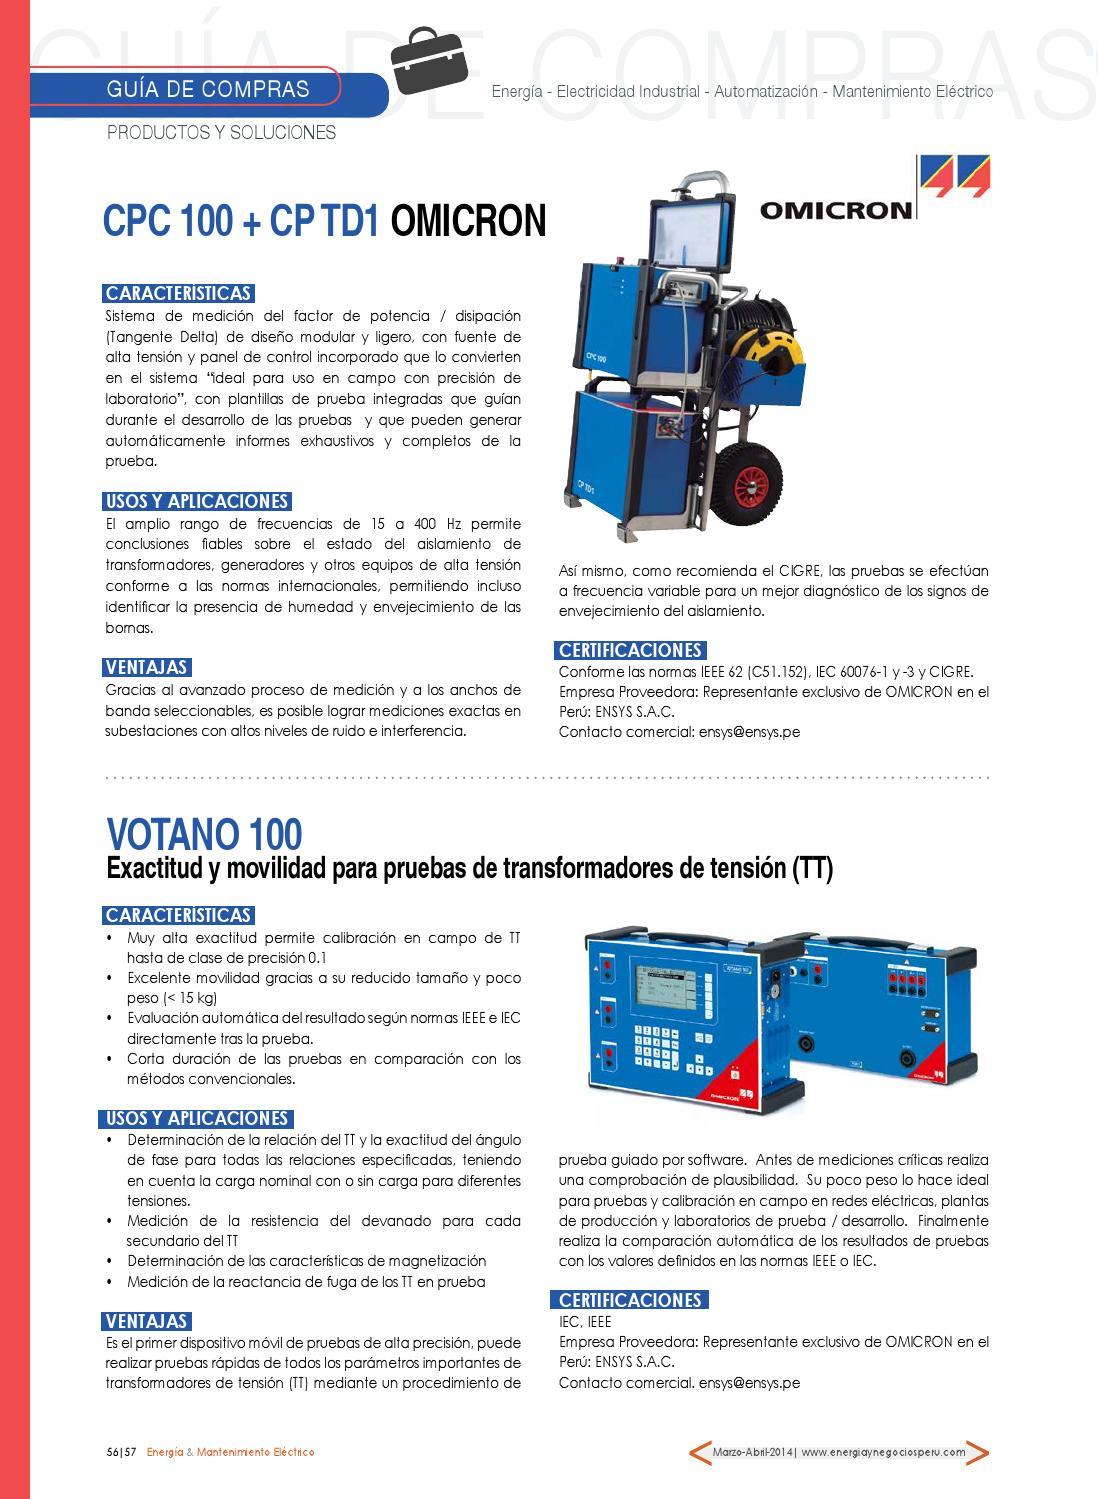 Revista energía & mantenimiento eléctrico edic n°1 ok by Energía y ...